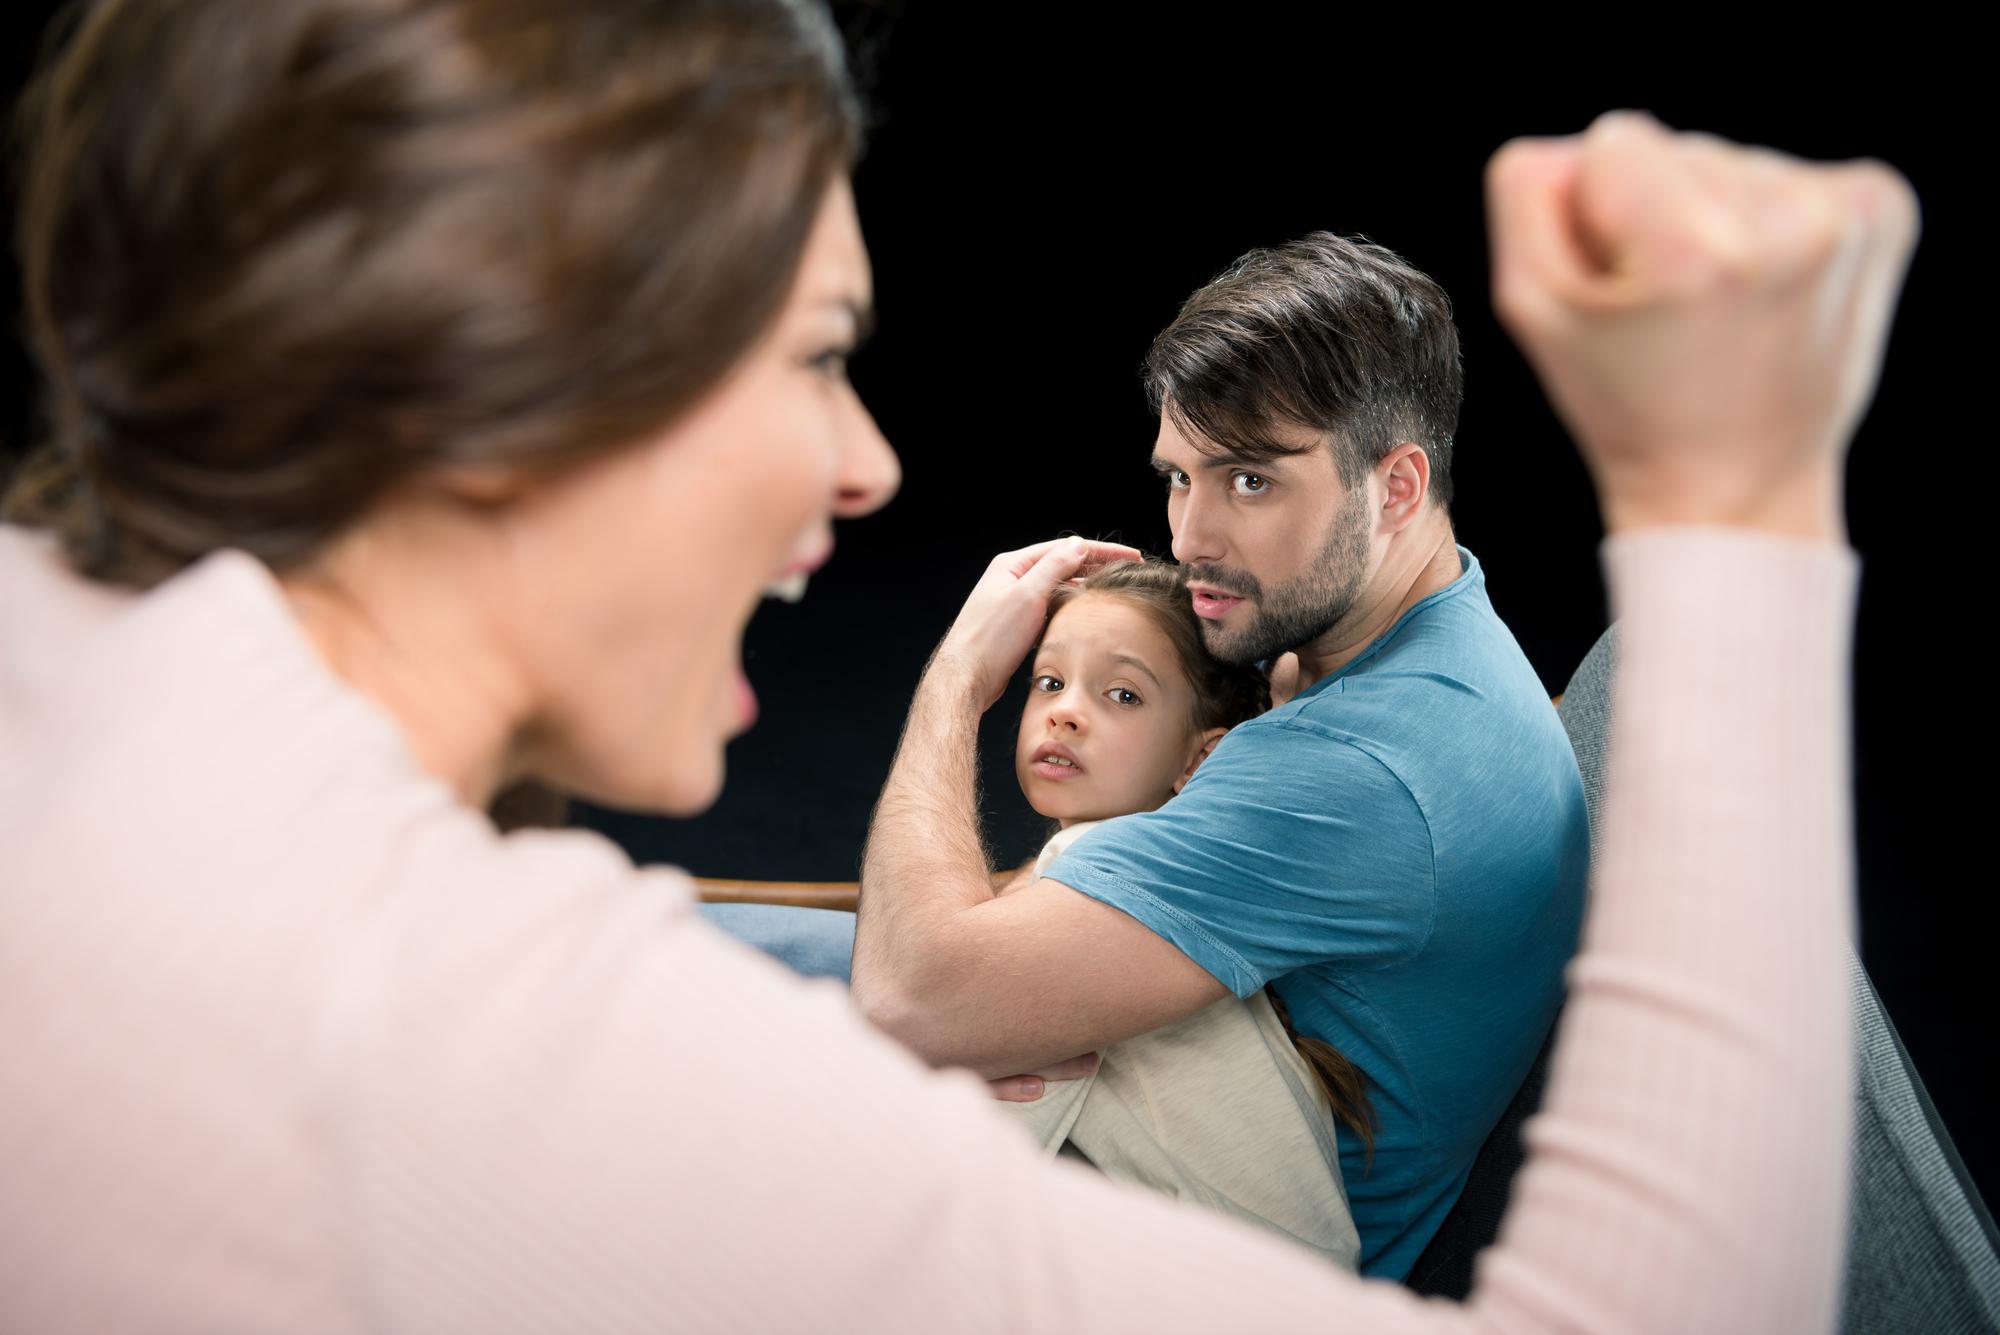 Cuál es el límite para presentar cargos por violencia doméstica